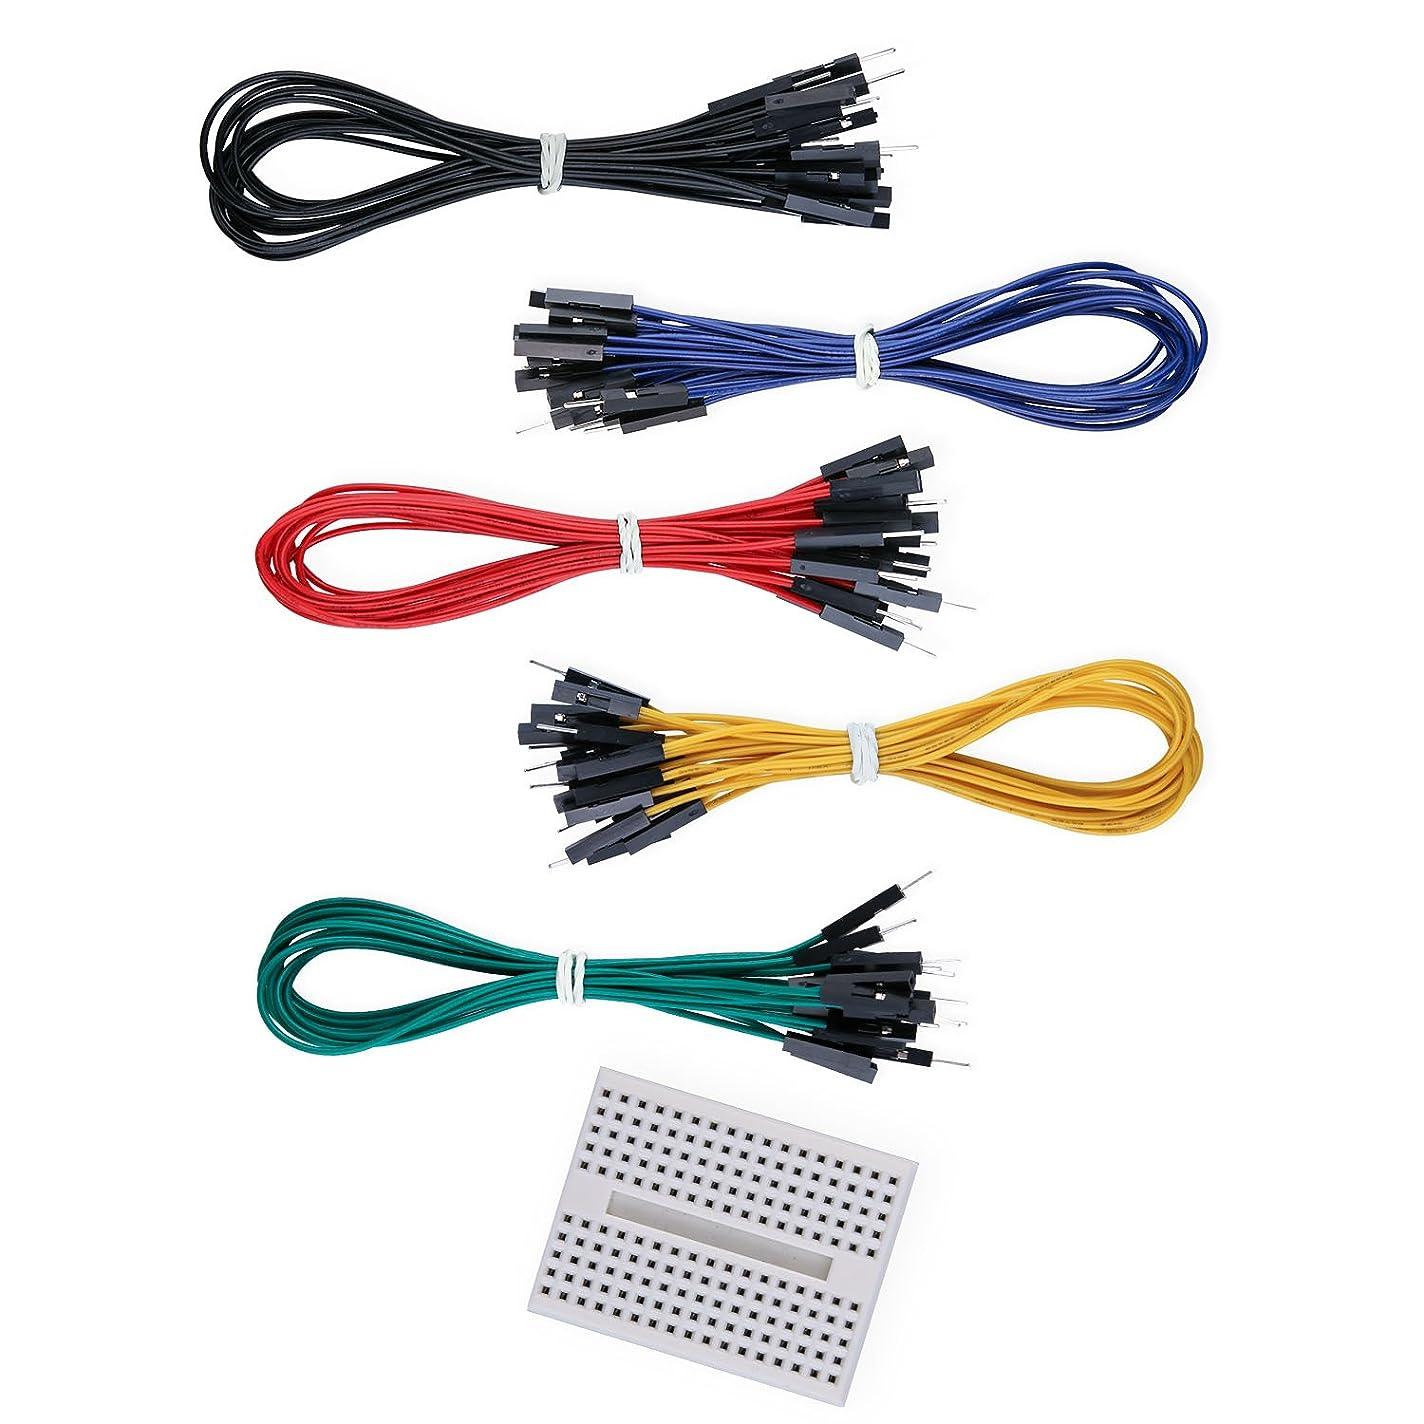 磁器優しさやりすぎフラットケーブル アンテナ ケーブル F形接栓 すき間ケーブル 地デジ 信号導入 1本 内引き込み 0.22mm 折り曲げ可能 F端子型 サッシ/窓用